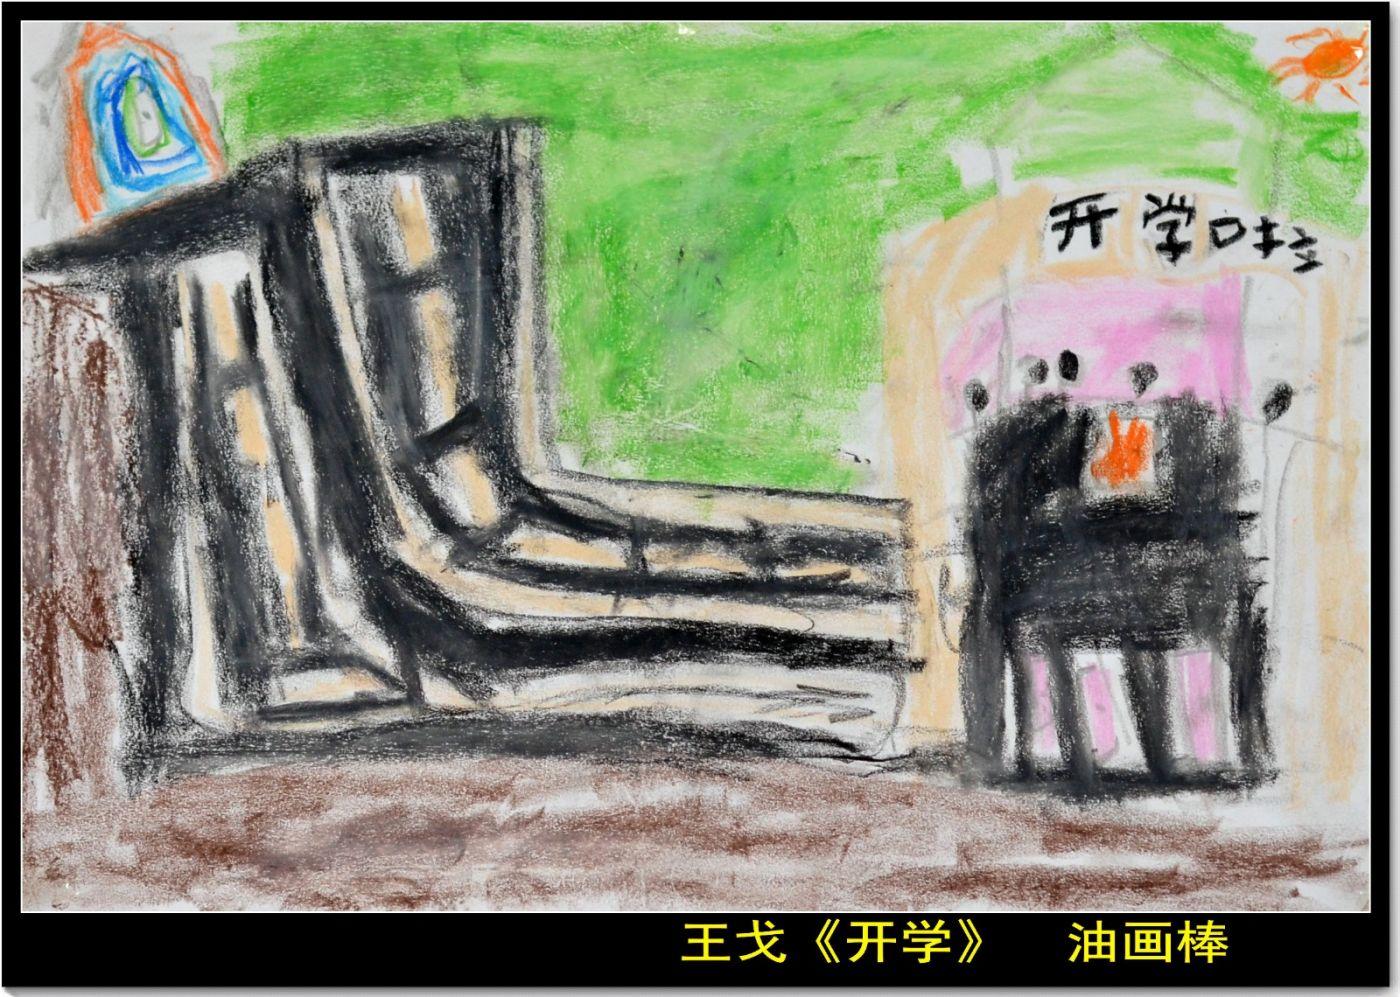 赞新学期孩子读二年级(七律)_图1-2